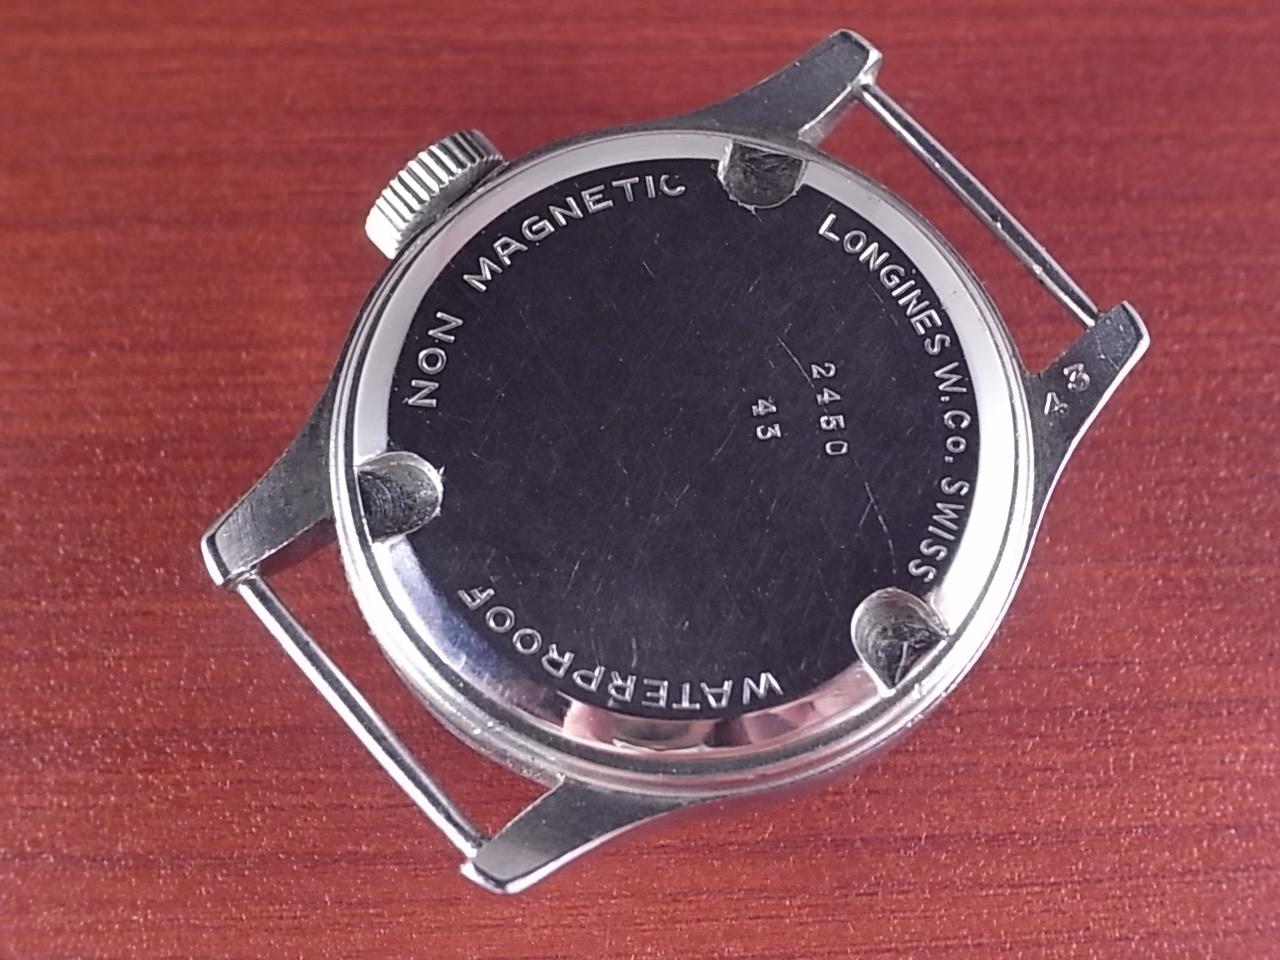 ロンジン Wネーム ブレゲセクター ステップベゼル トレタッシェケース 1930年代の写真4枚目